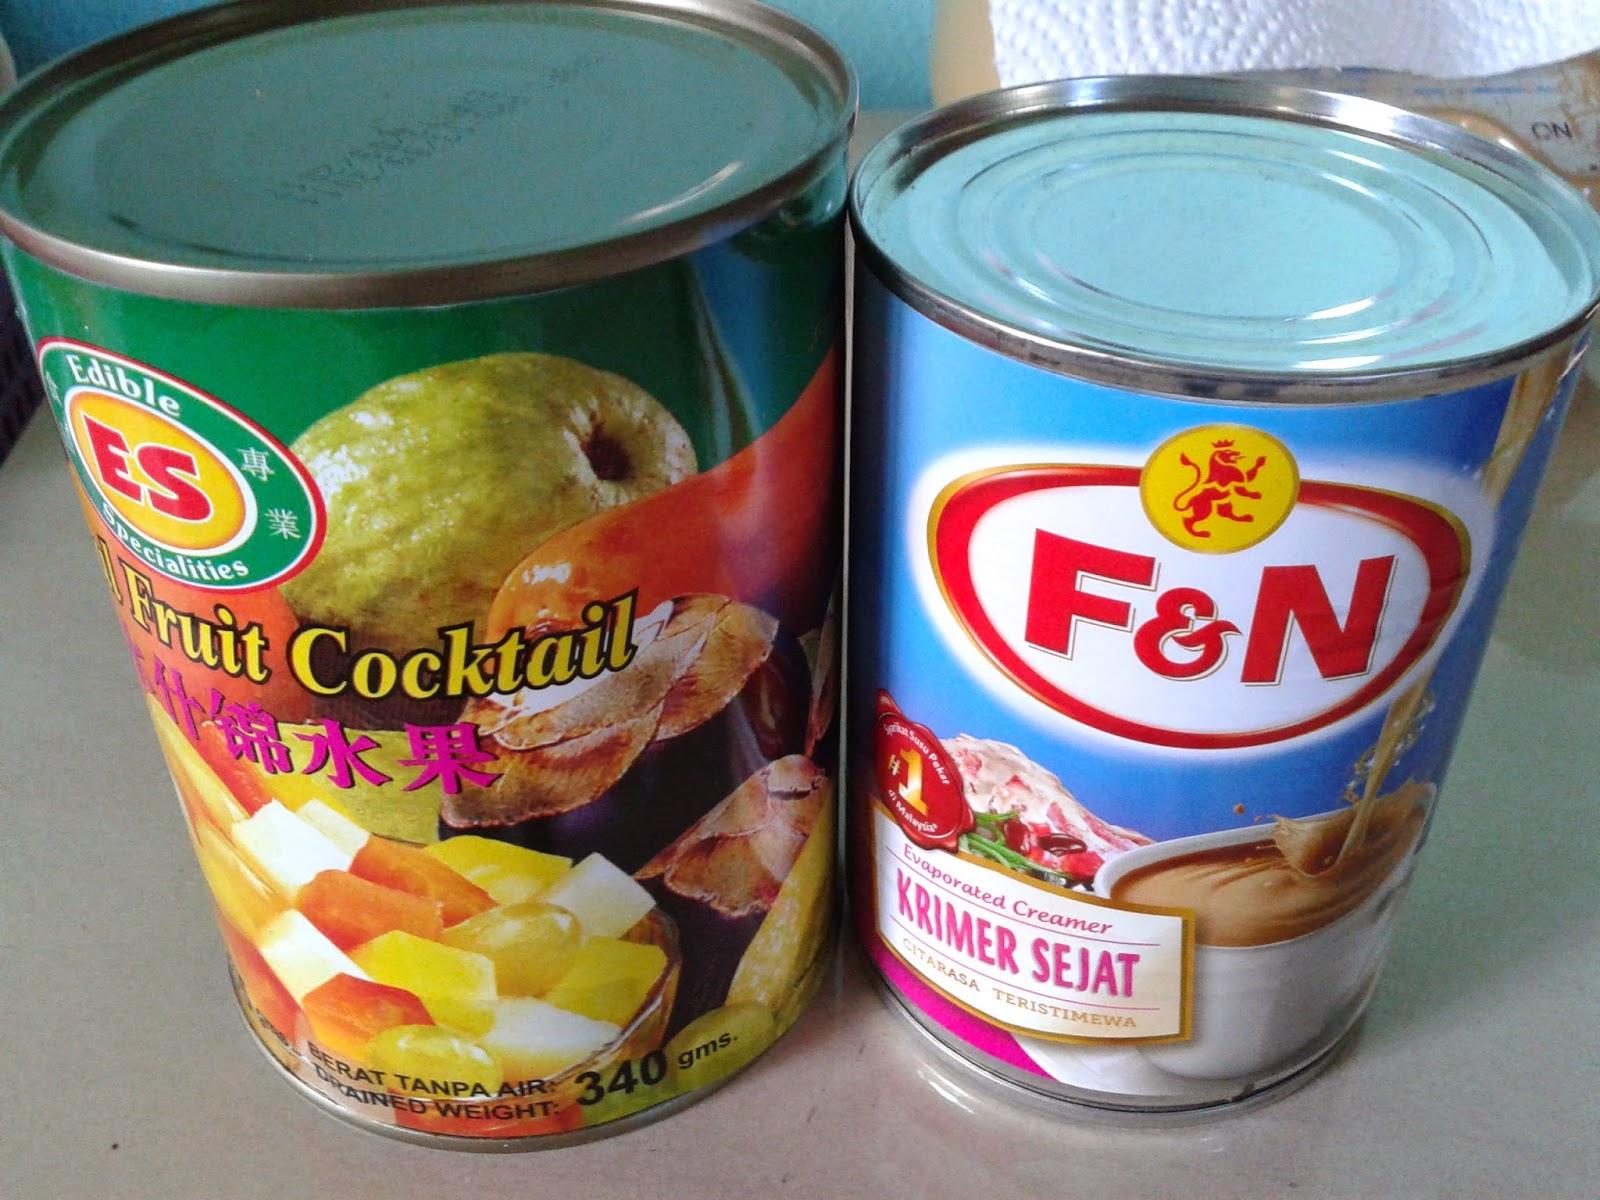 Image result for koktail buah, koktail buah, koktail buah mudah, juadah berbuka puasa, menu iftar, laici tin, buah-buahan tin,  kelapa laut tin, nata de coco